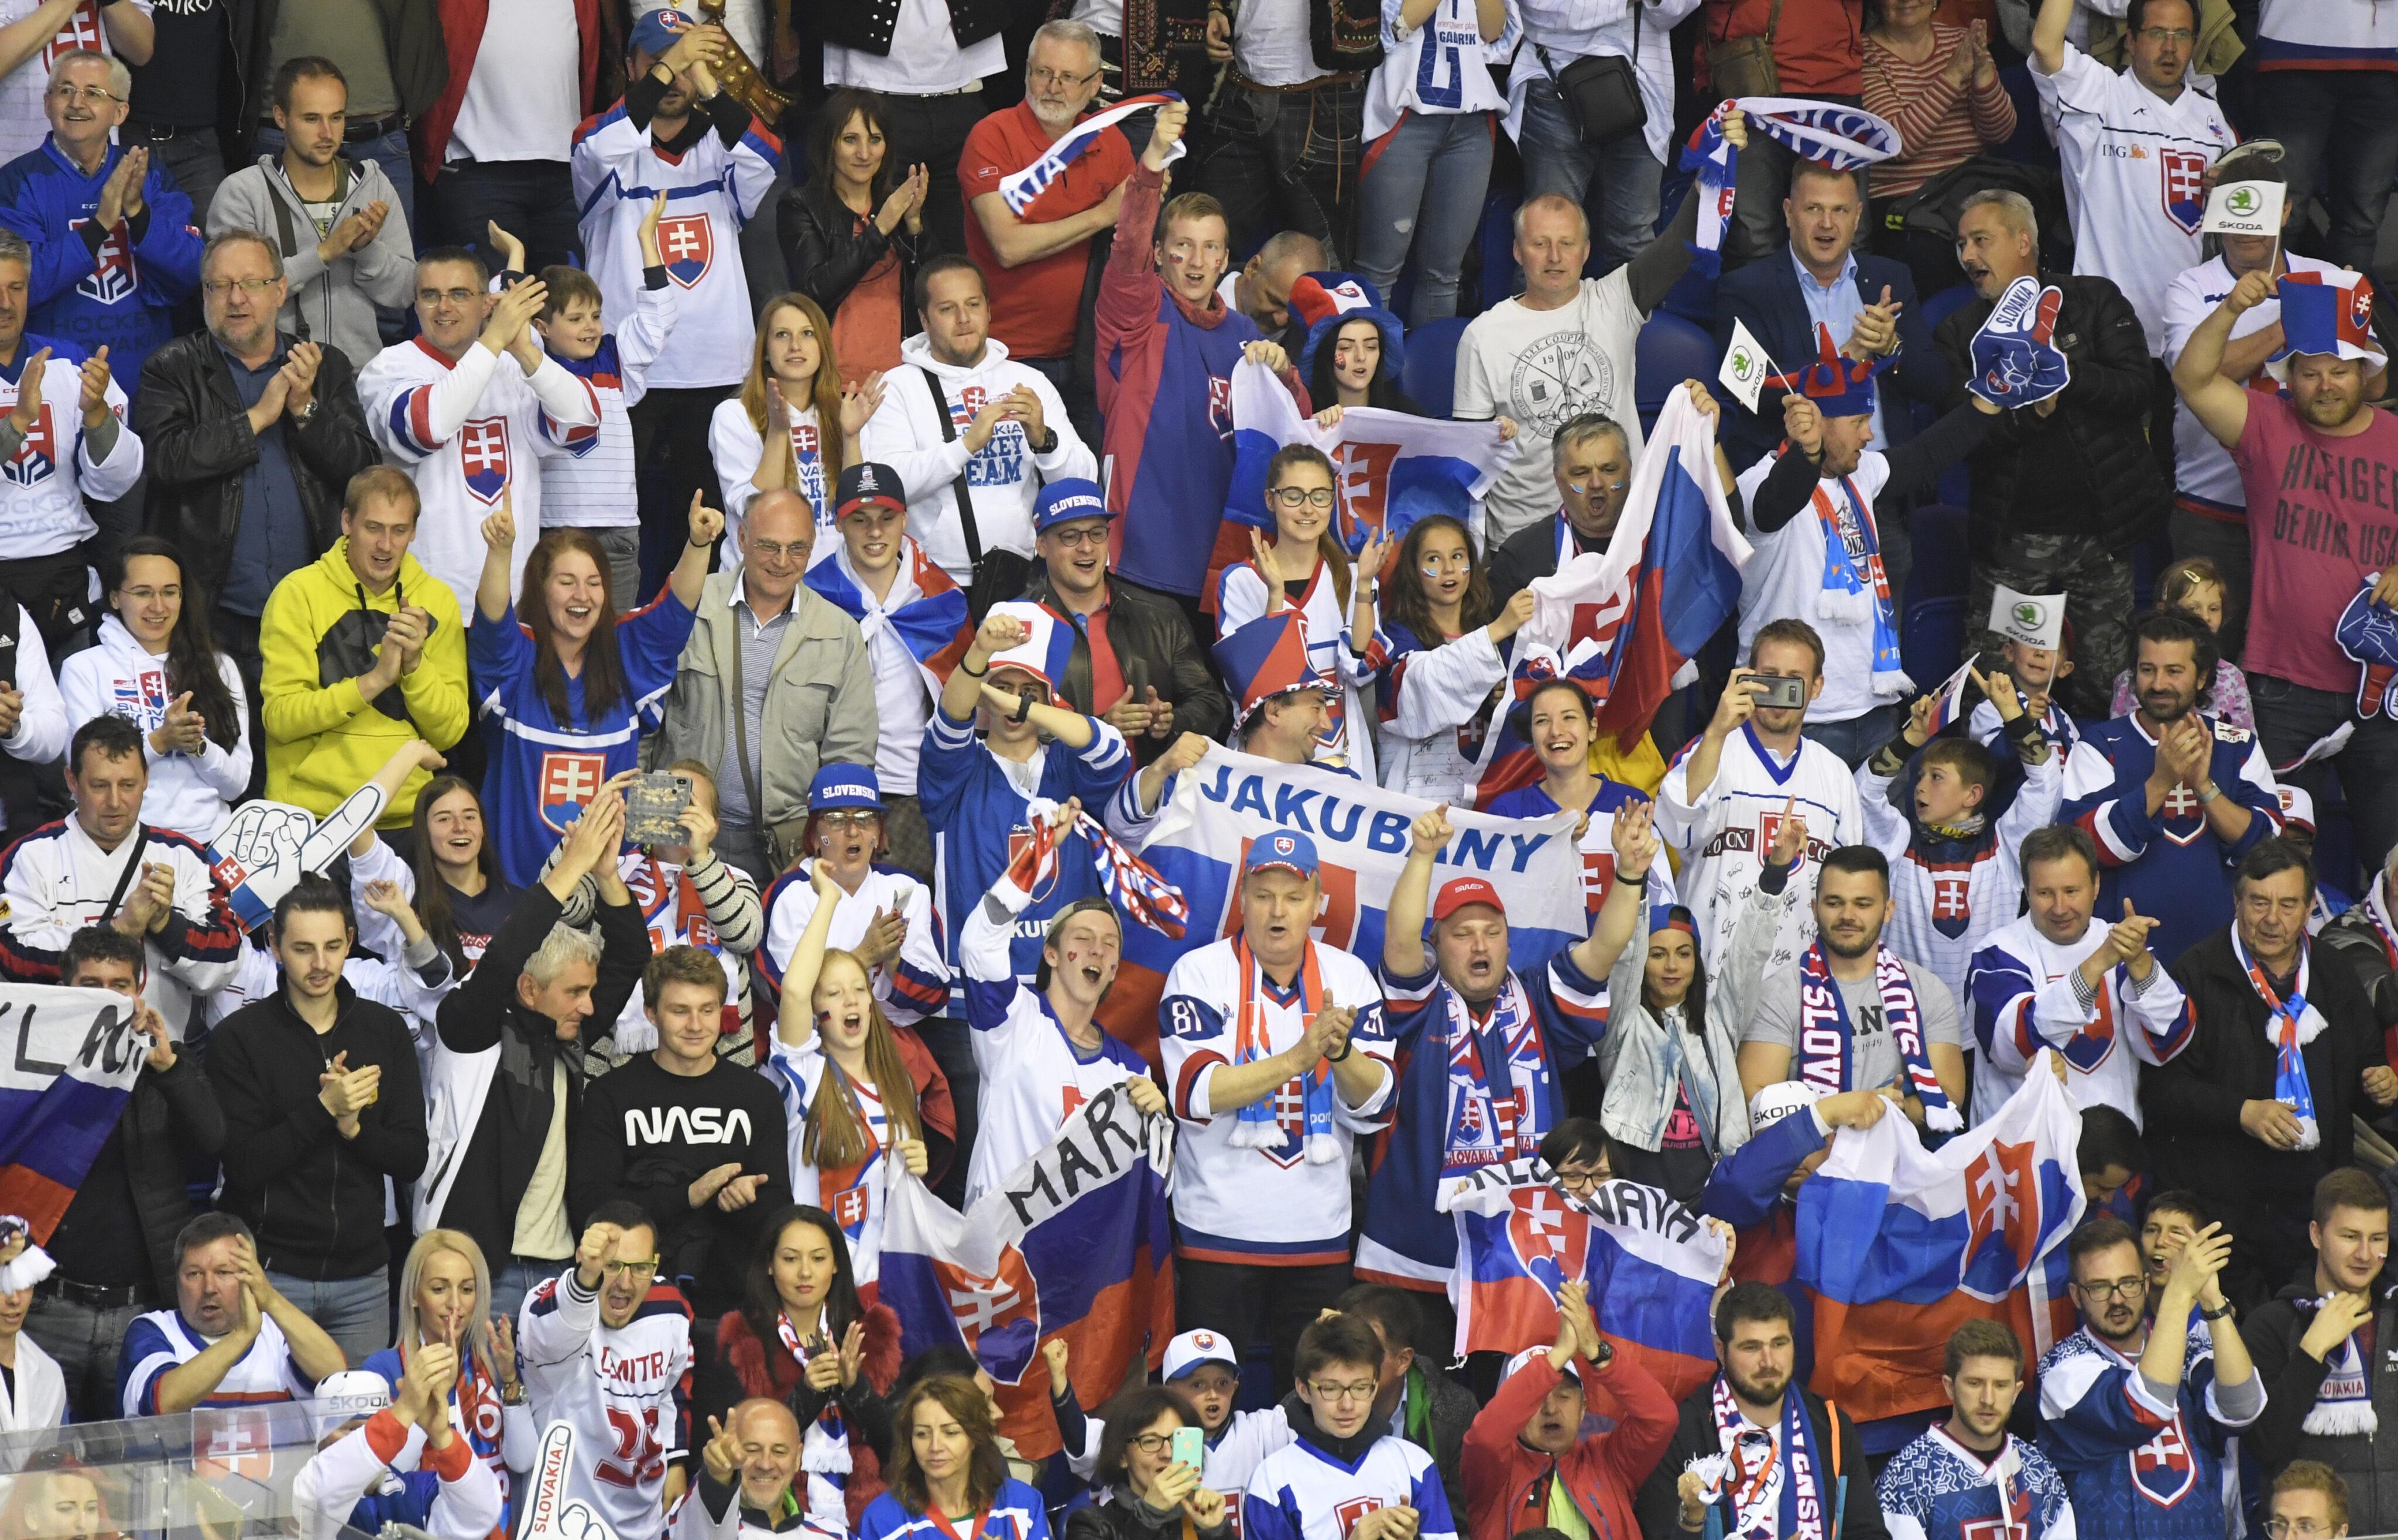 77b285bd1d097 Košická Steel aréna vo veľkom povzbudzovala slovenských hokejistov. Zdroj:  TASR / František Iván